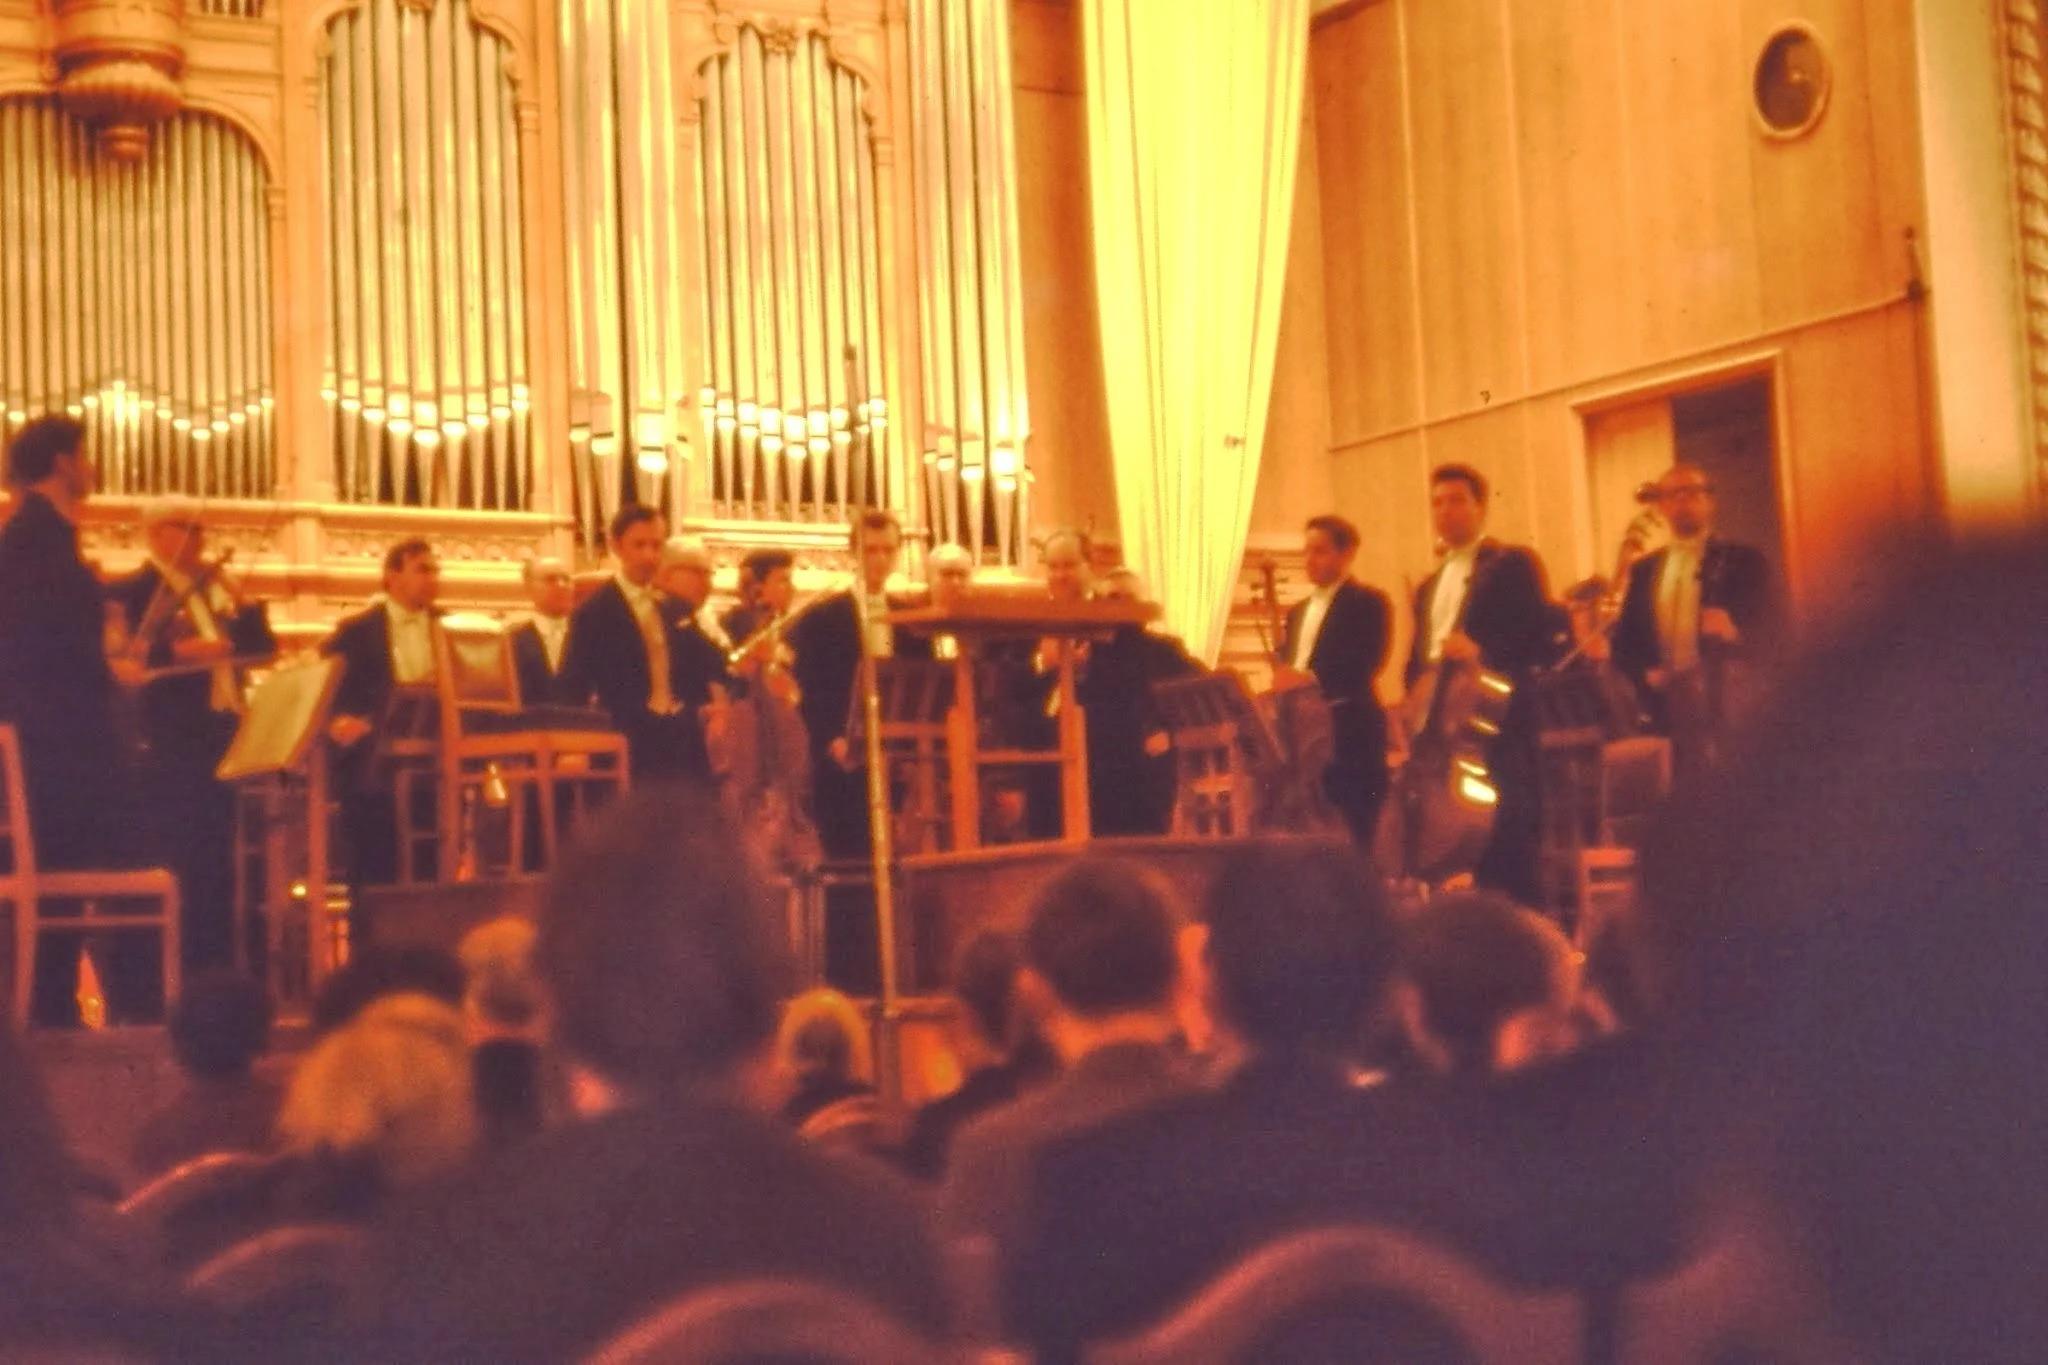 После перерыва Чайковский - Шестая симфония (Патетическая) и Гайдн